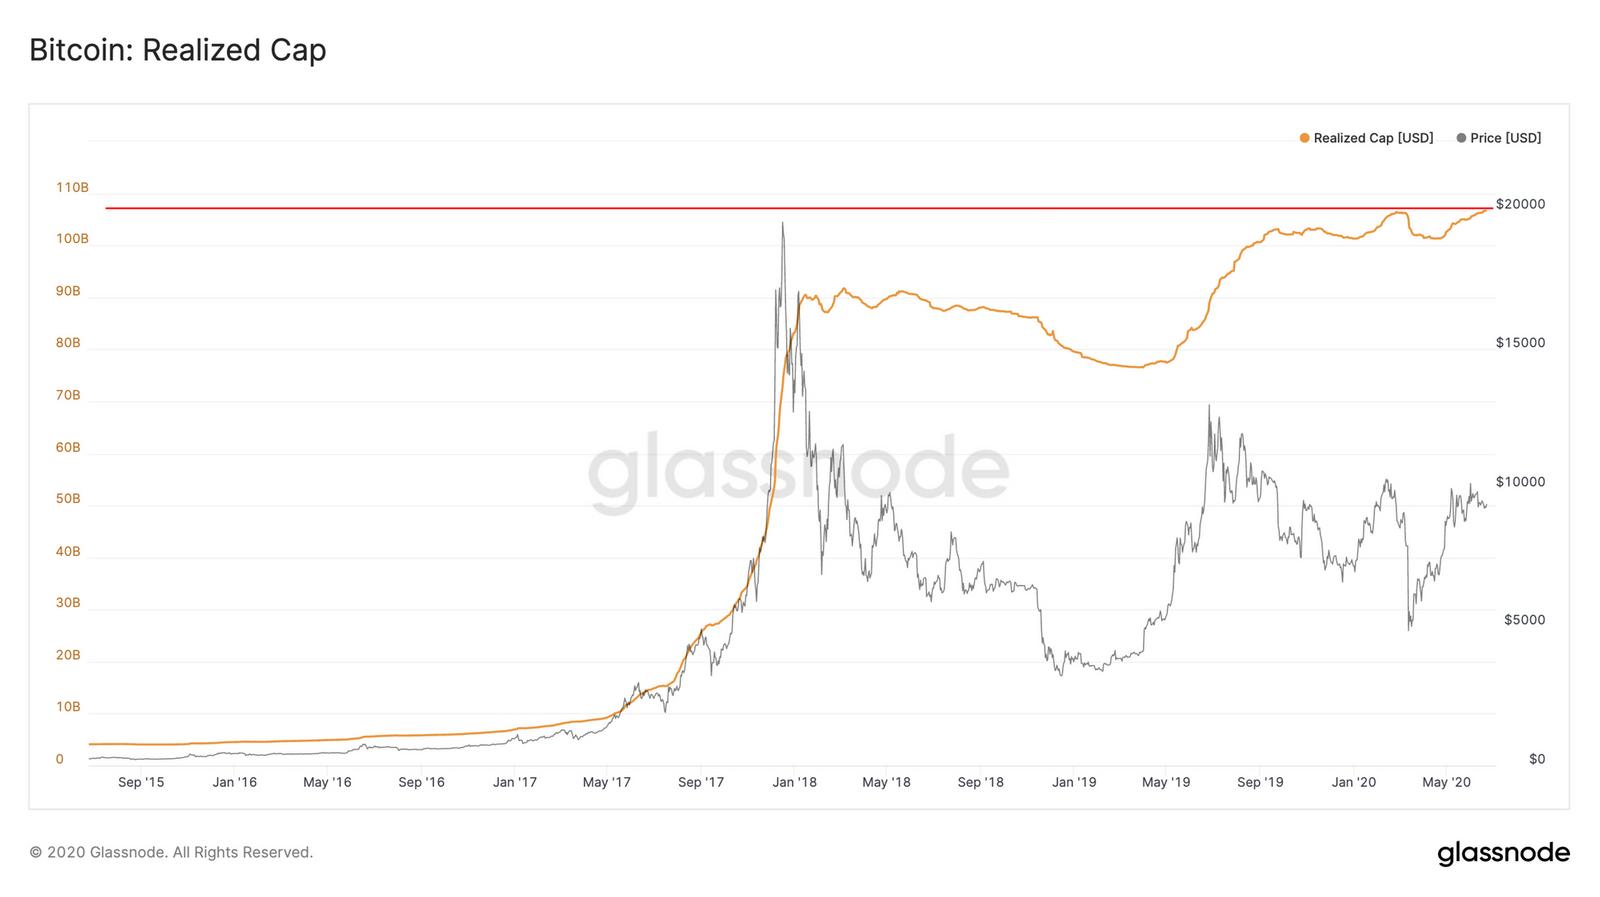 Capitalización realizada de Bitcoin alcanza máximo histórico. Fuente: Glassnode